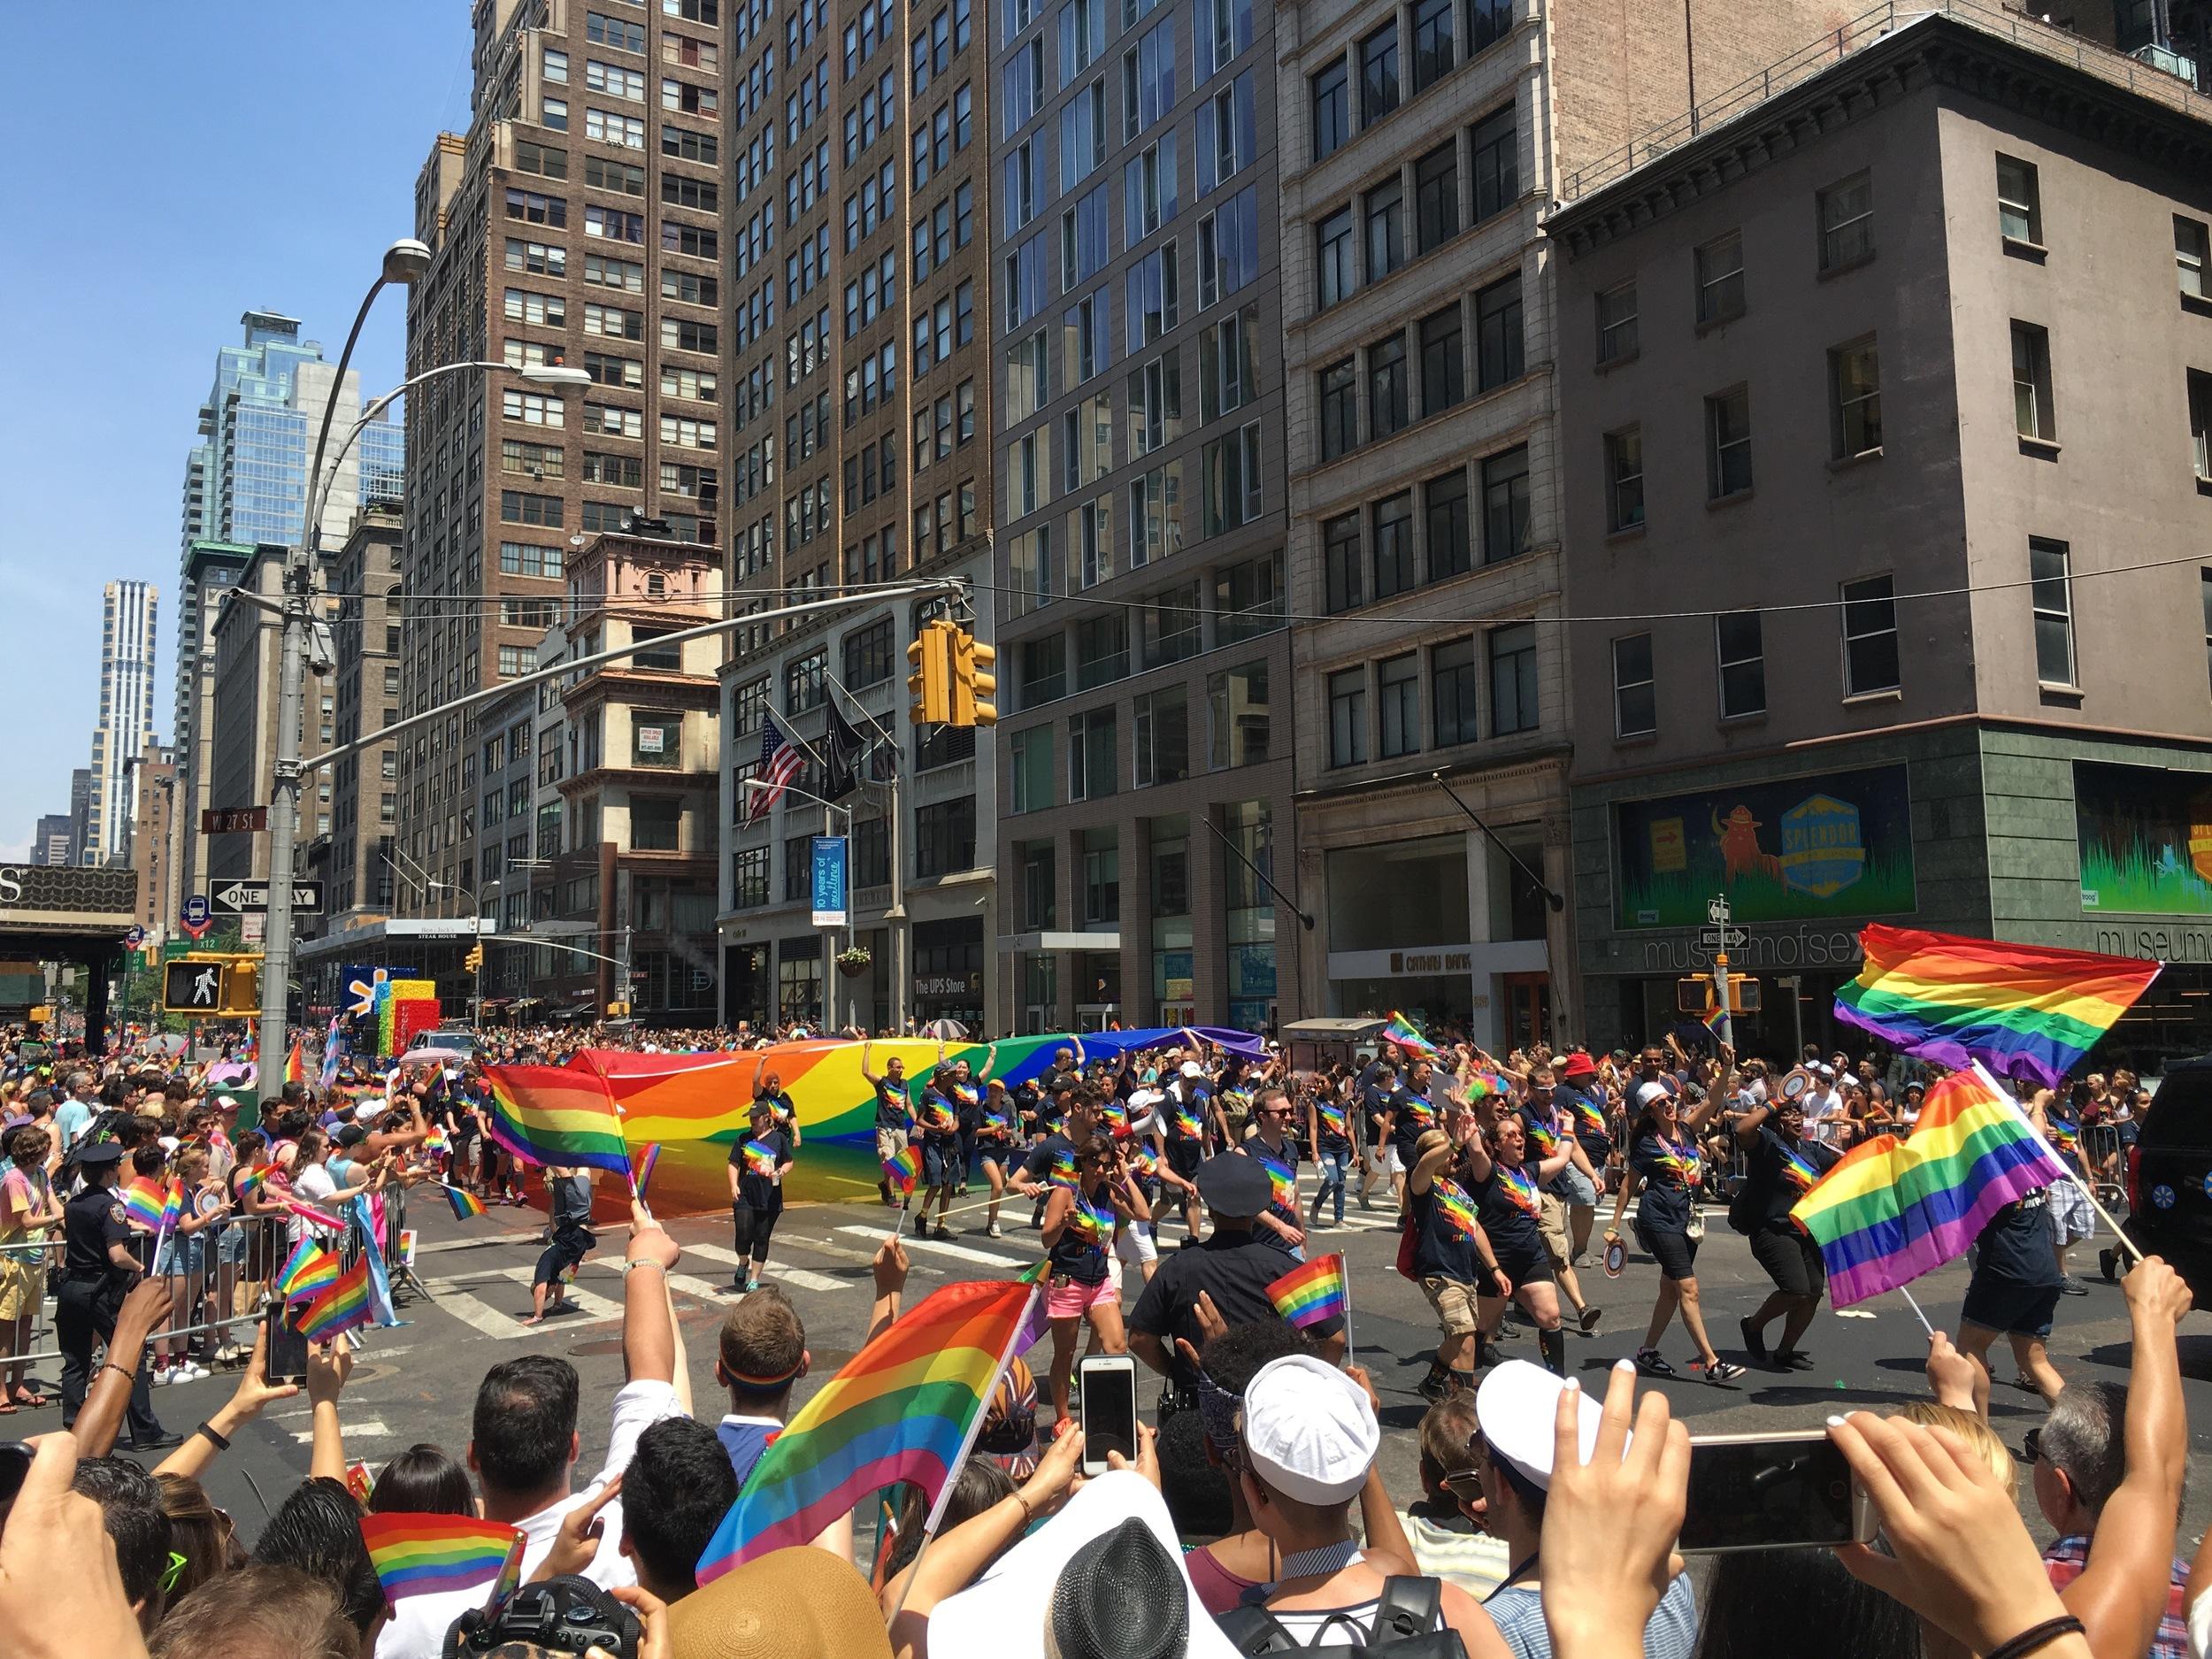 26 Июня, 2016 год. Пересечение 5-й авеню и 27-й улицы, Манхэттан, Нью-Йорк.